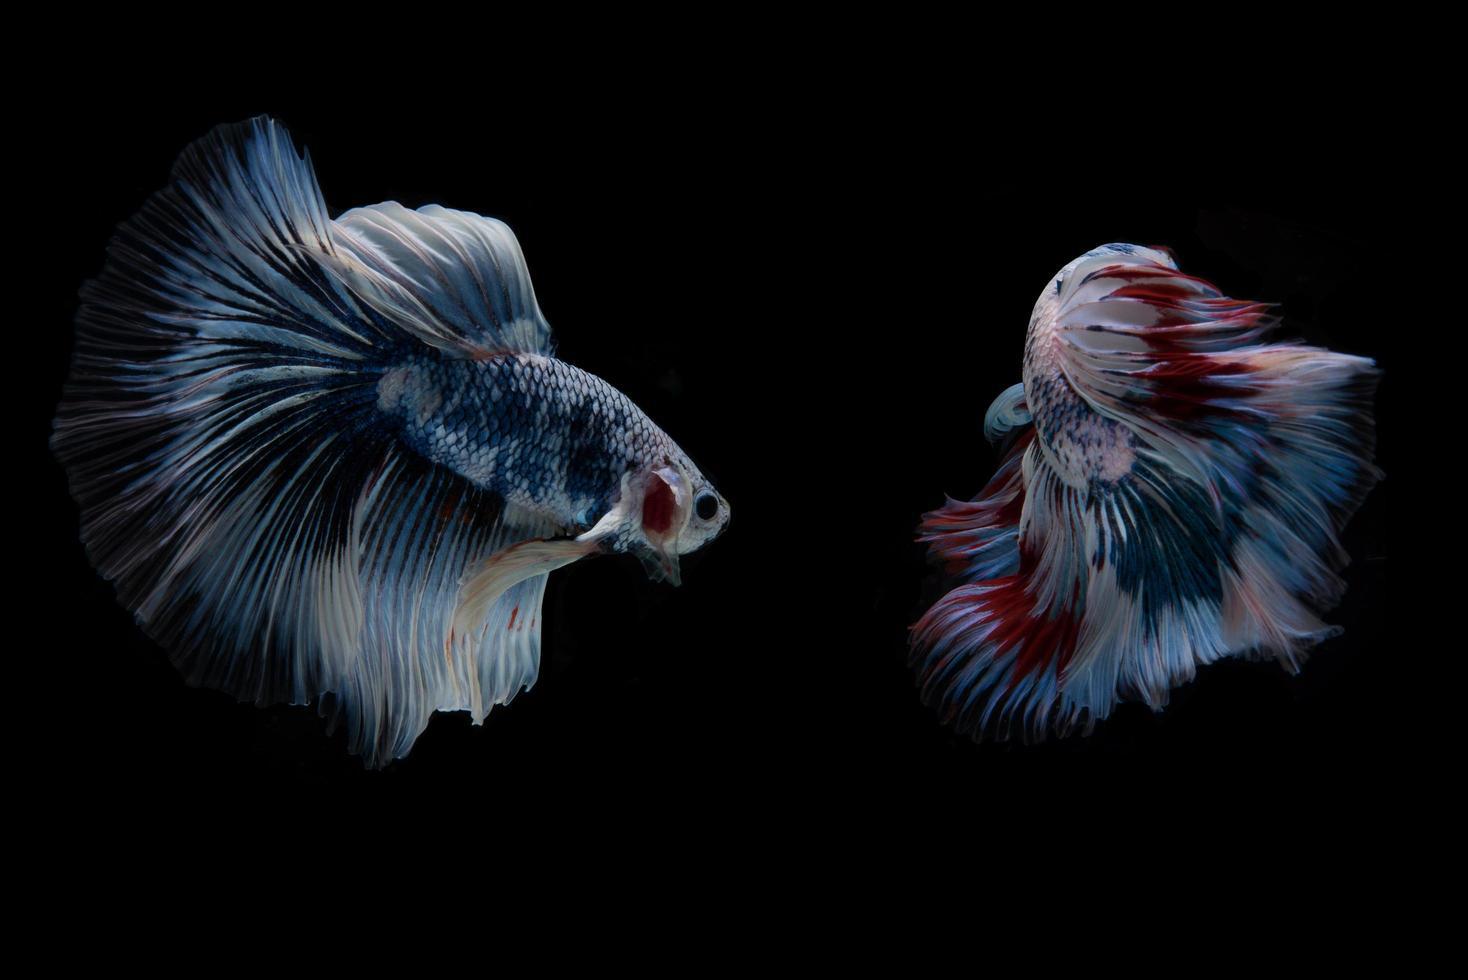 bellissimo pesce betta siamese colorato foto